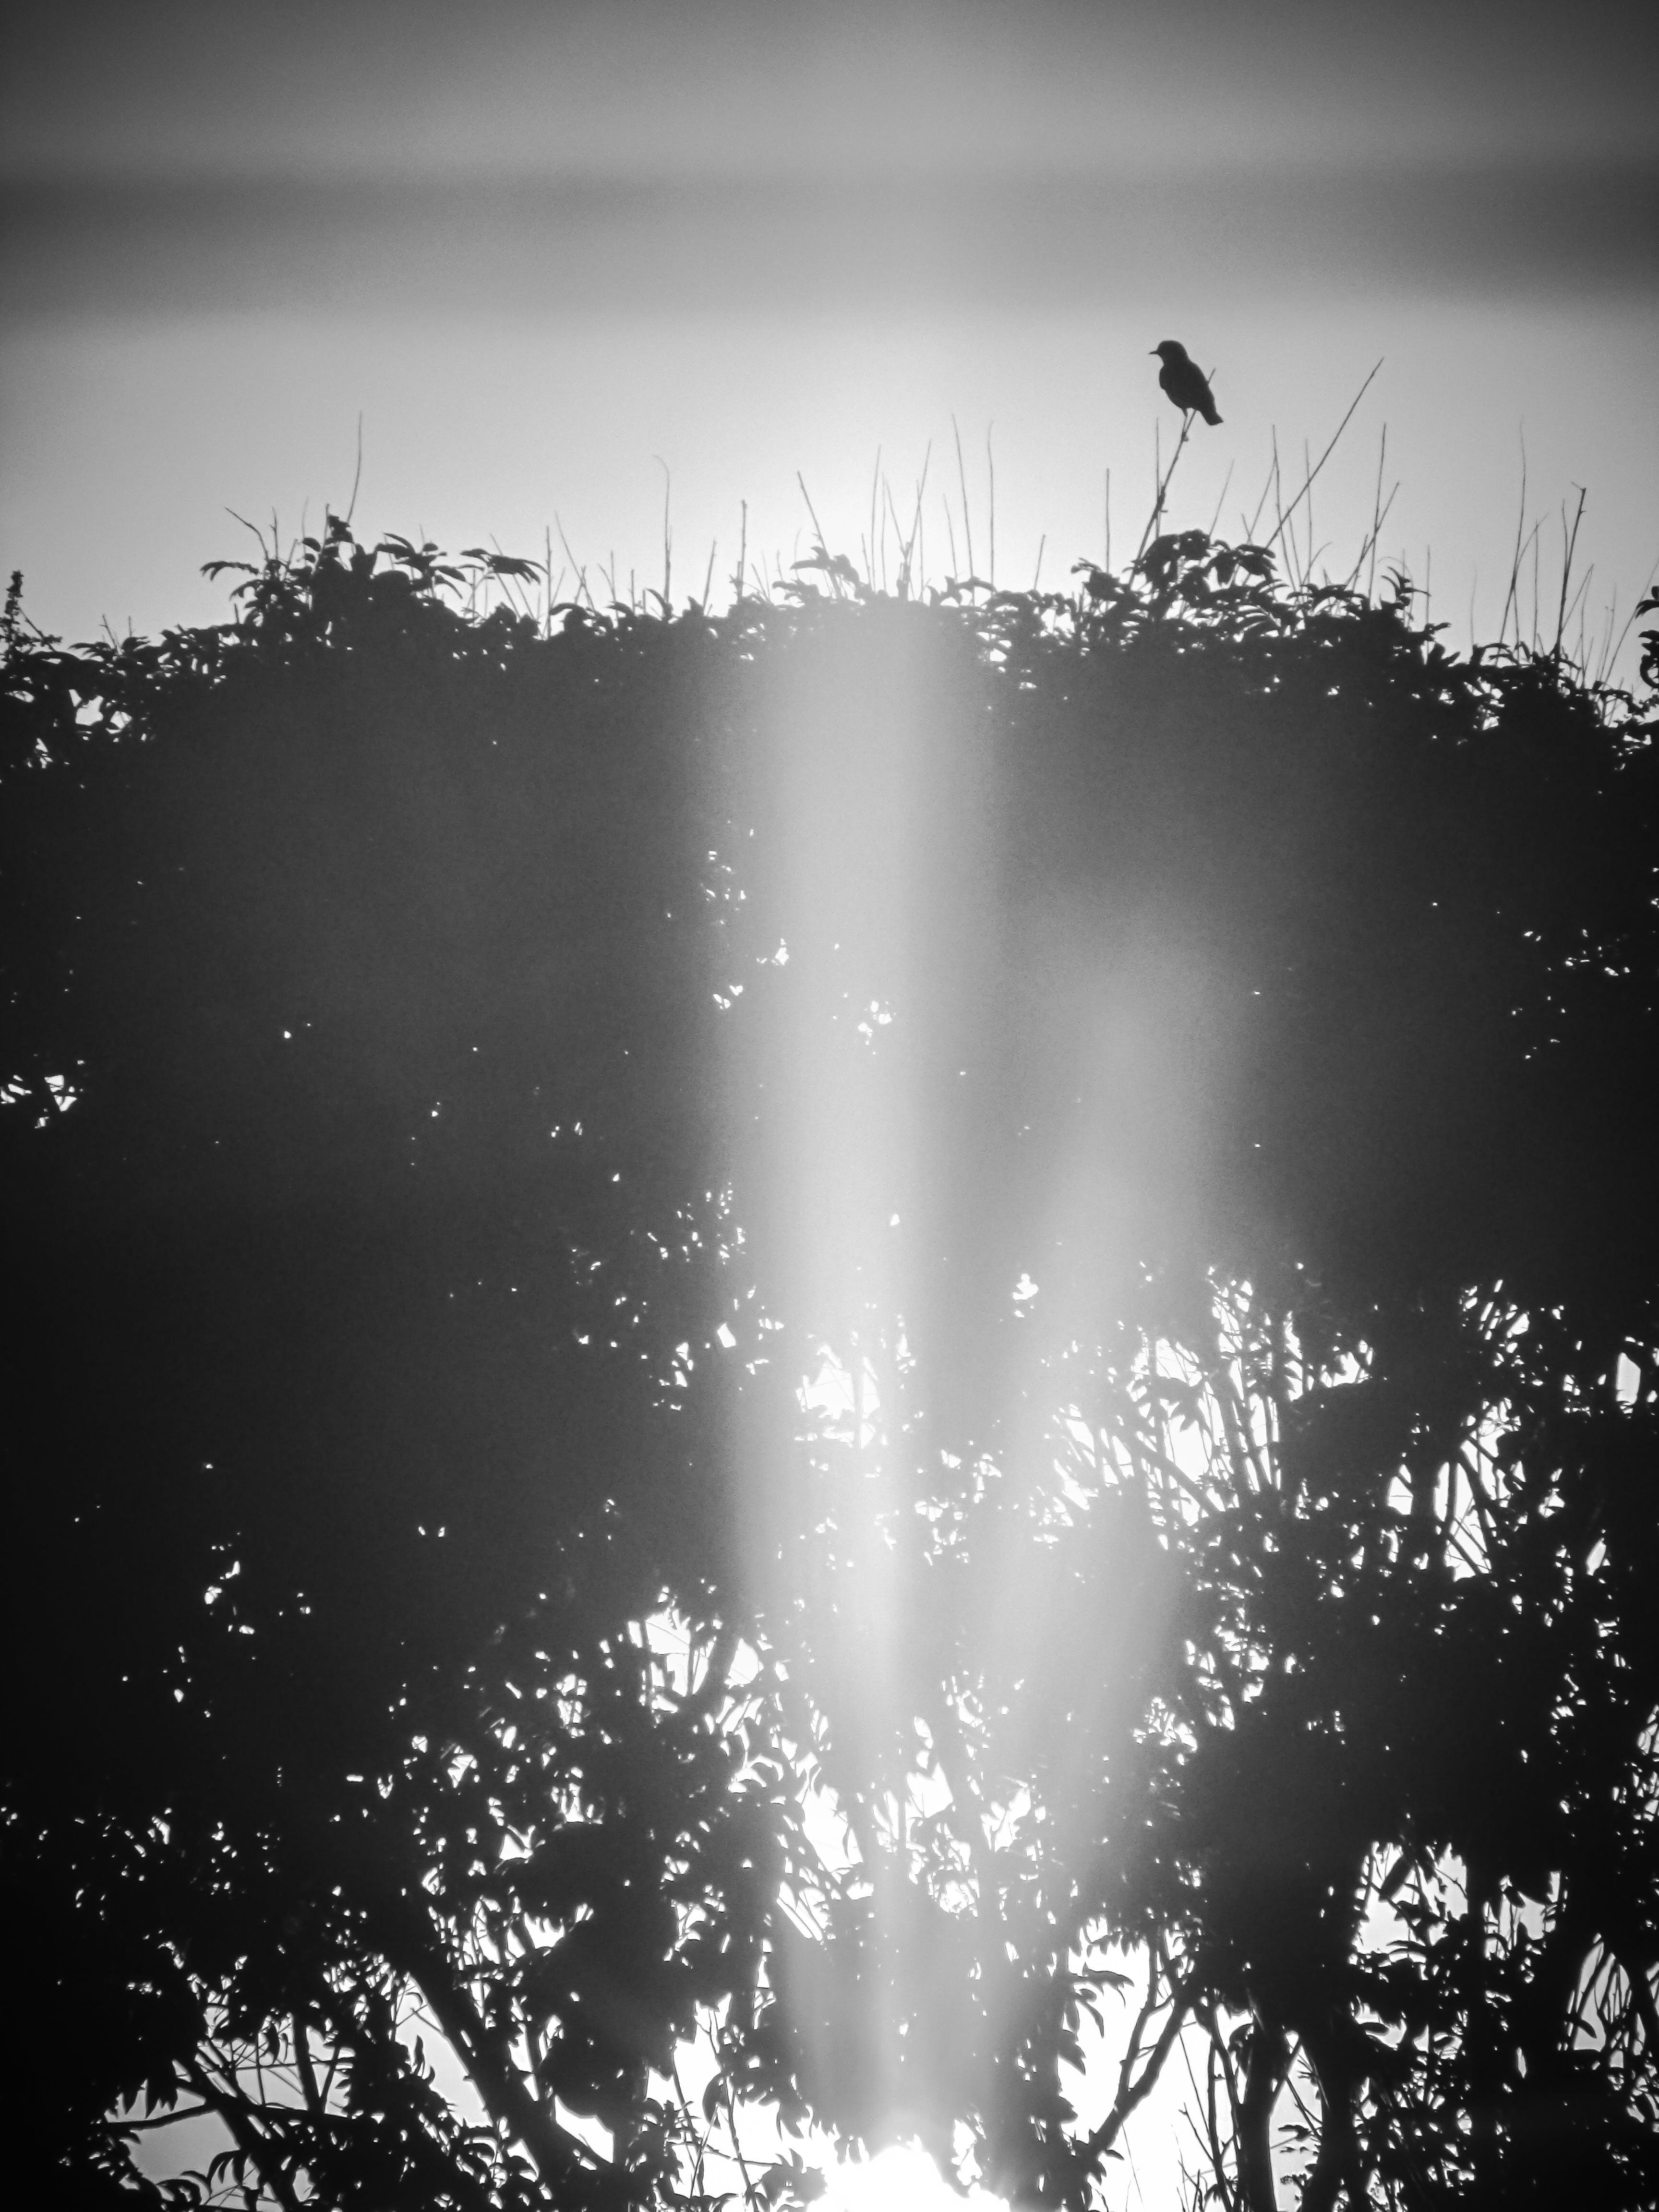 Kostenloses Stock Foto zu sonnenuntergang, schwarz und weiß, #birds